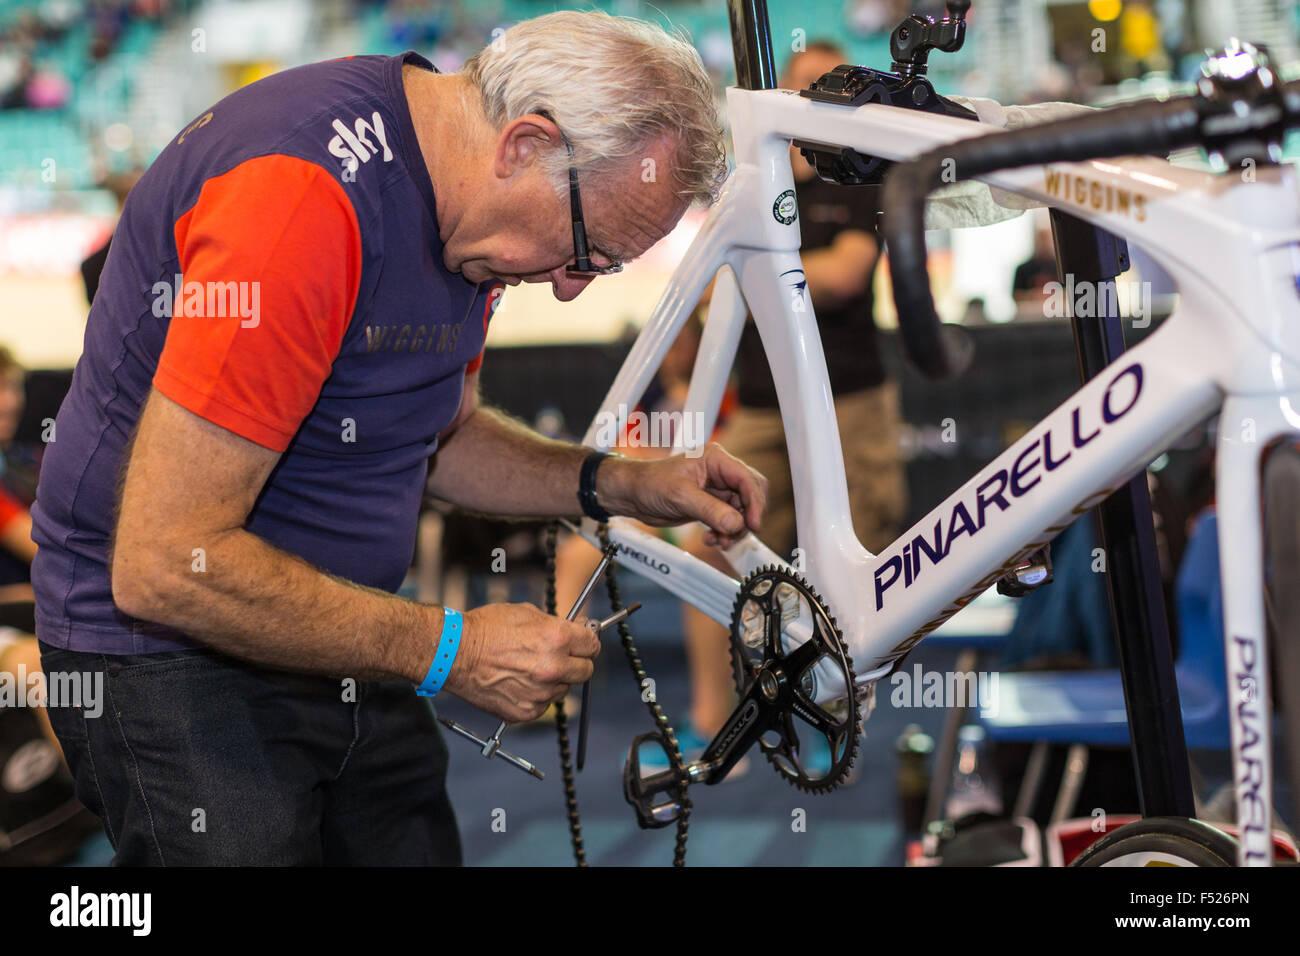 Un mecánico que trabaja en un equipo Wiggins bicicleta durante la Revolución de ciclismo en la competencia Imagen De Stock